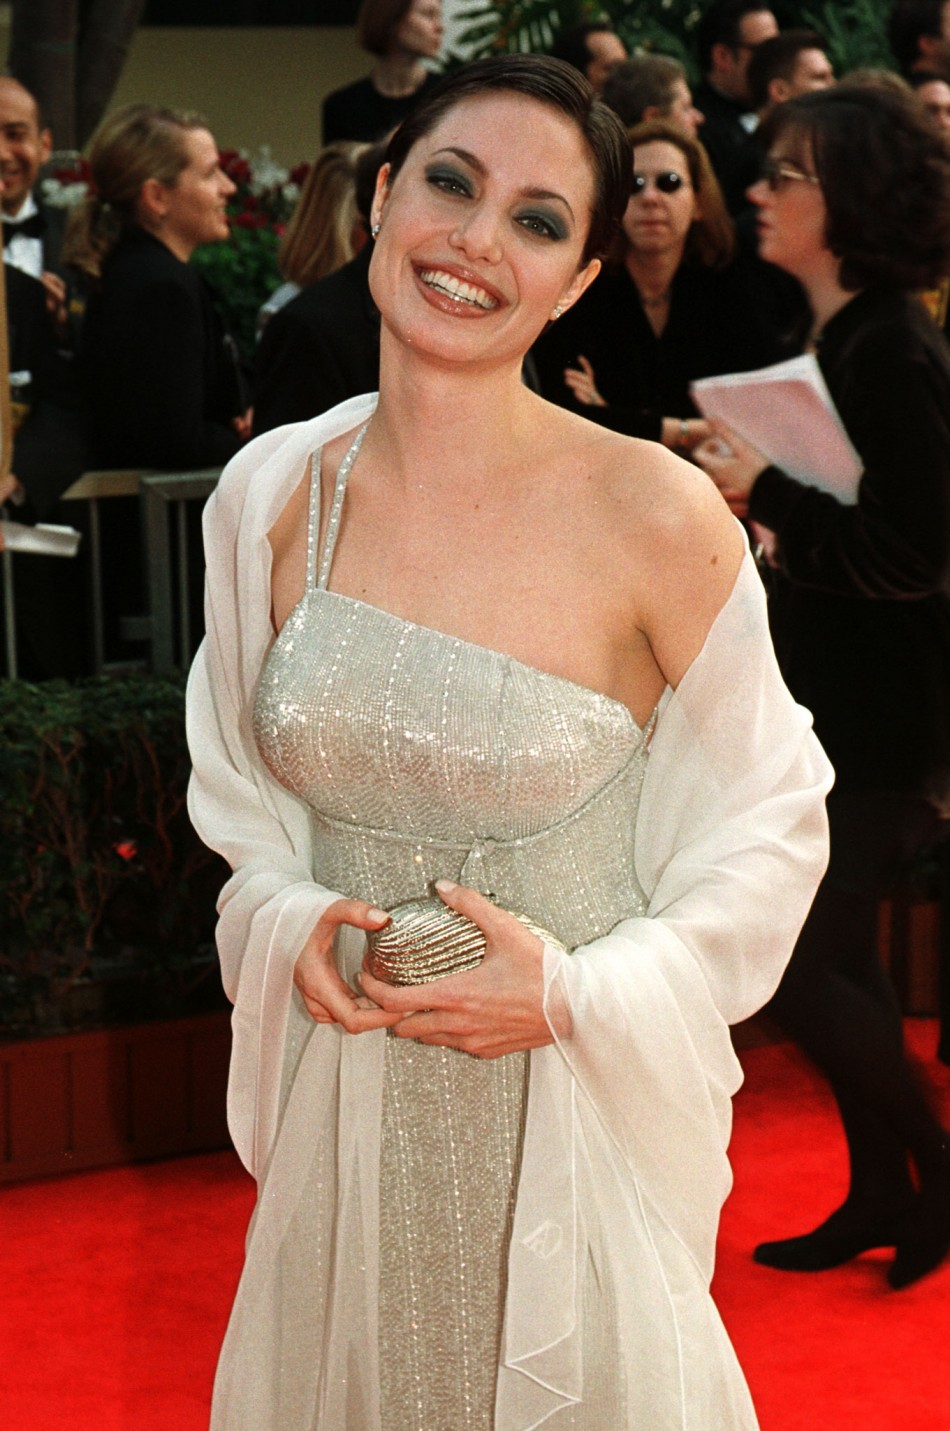 Angelina Jolie arrives at the Golden Globes